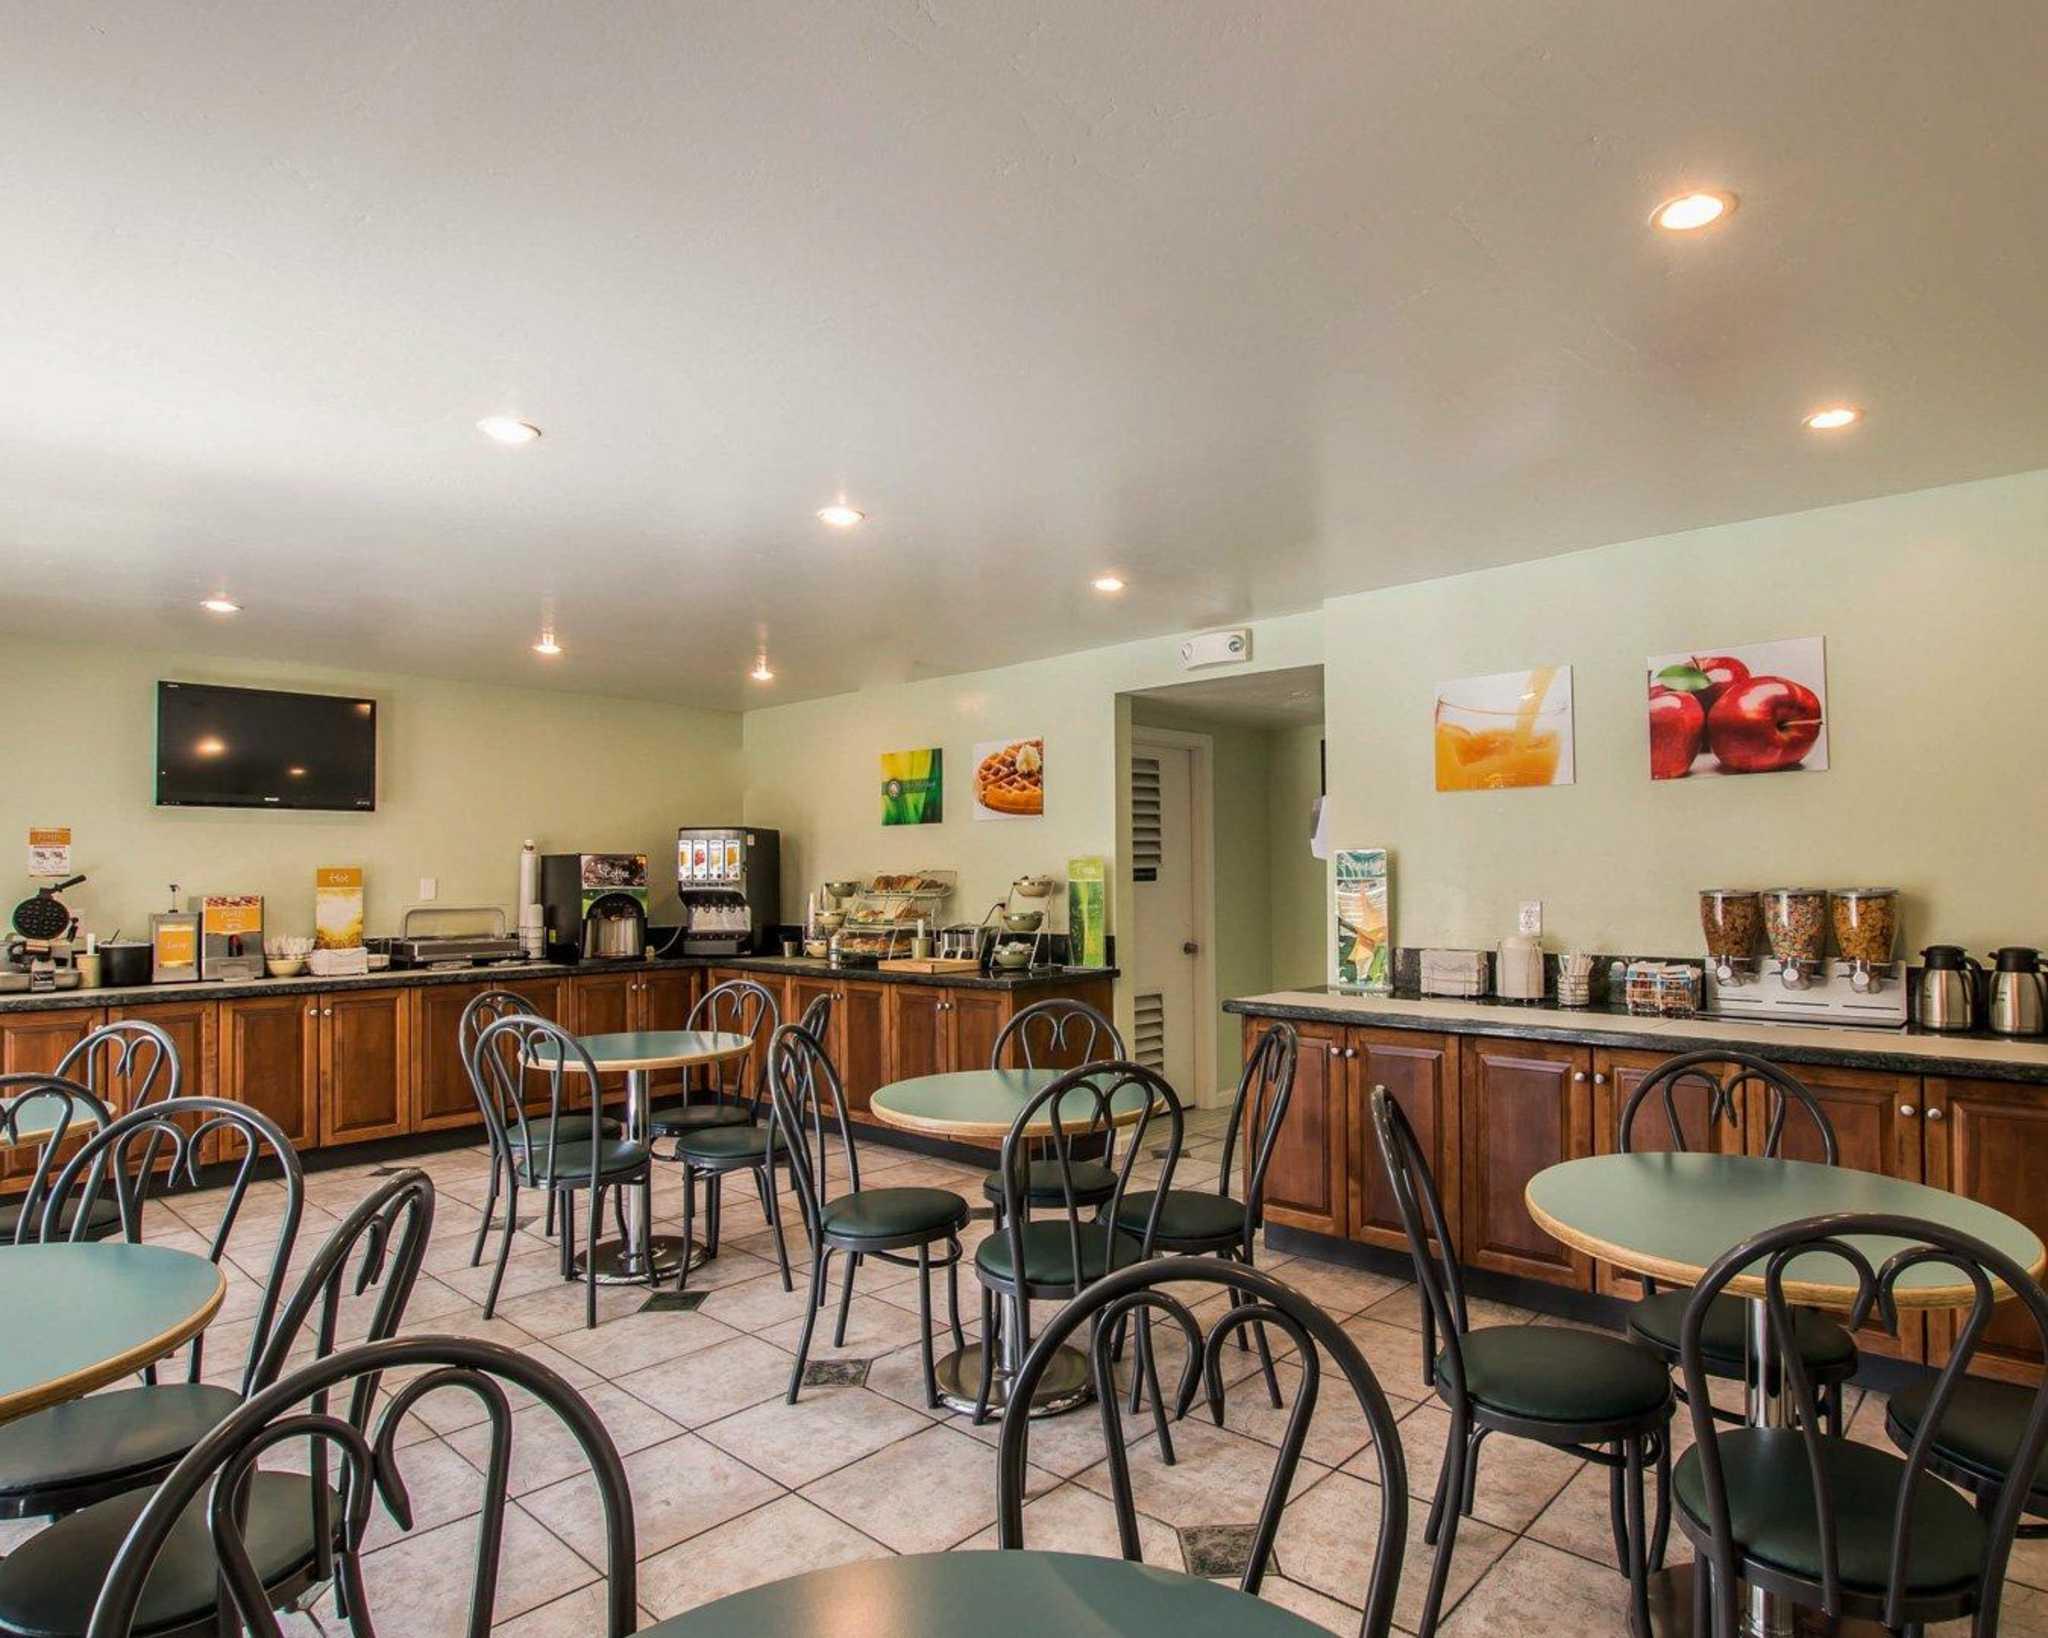 Hotels in Carlsbad CA | Days Inn Carlsbad Legoland